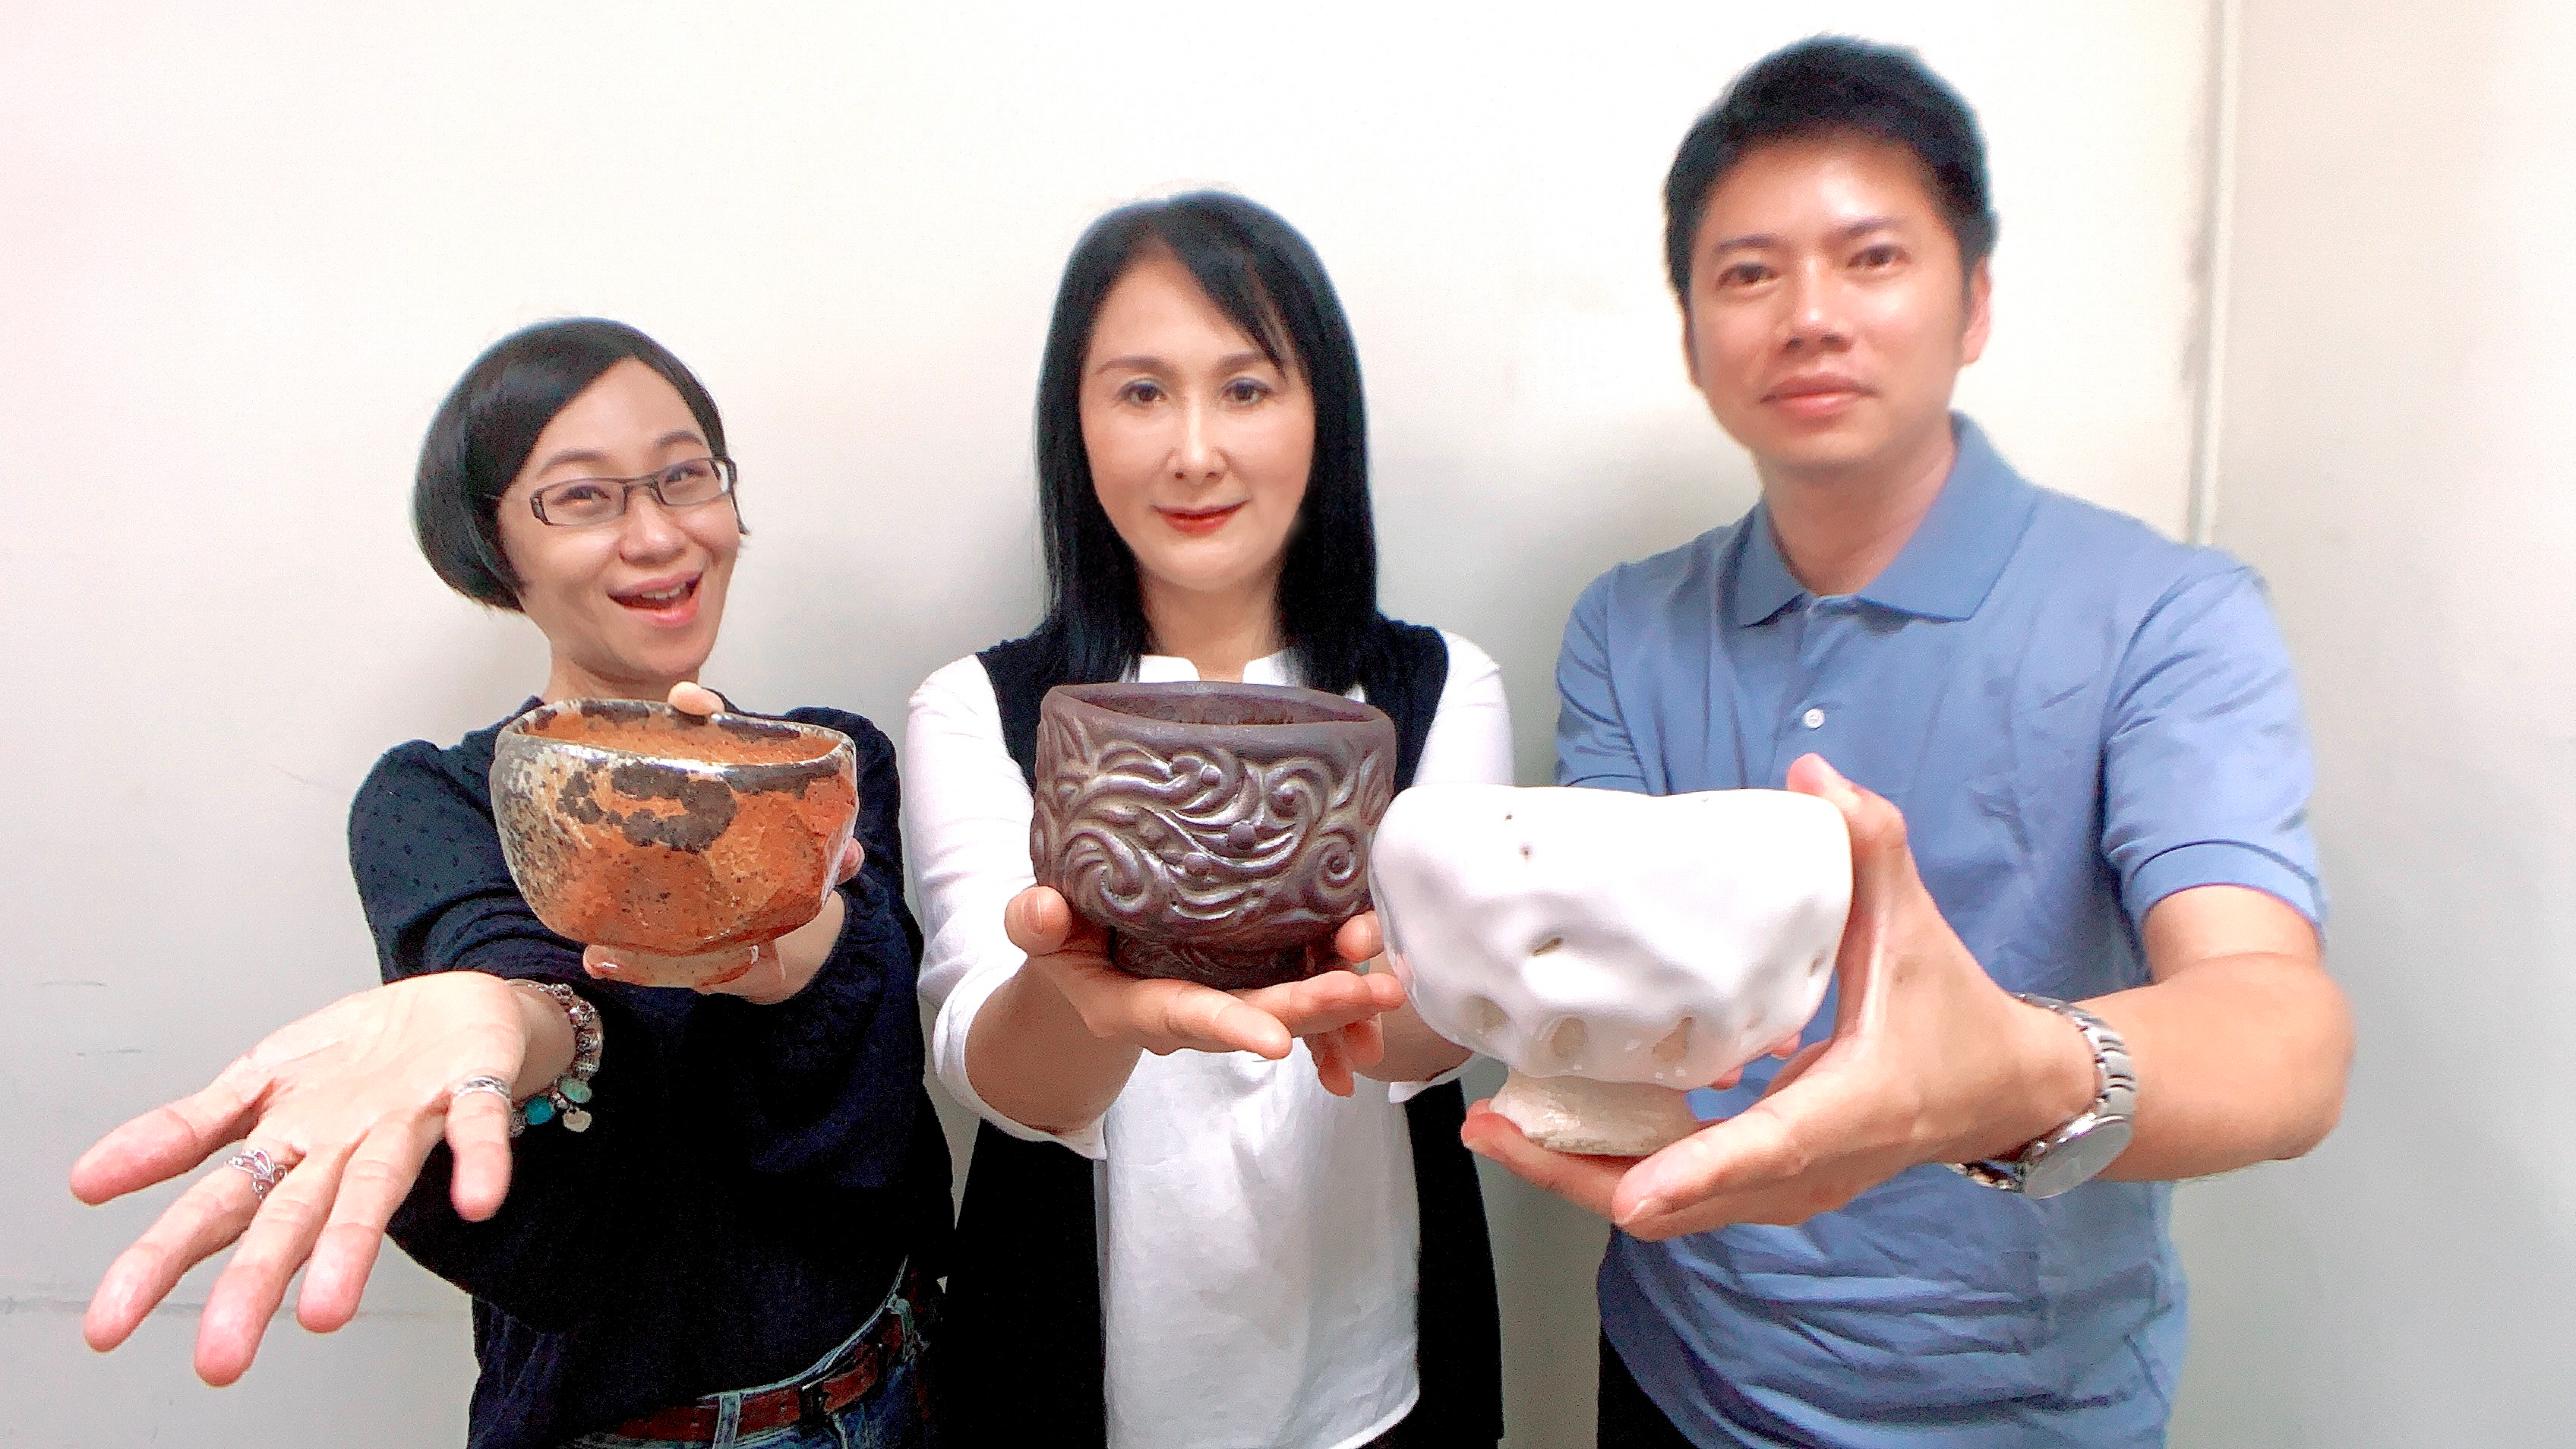 楊晴晴陶藝師:雪藏志野茶碗的白色旋風